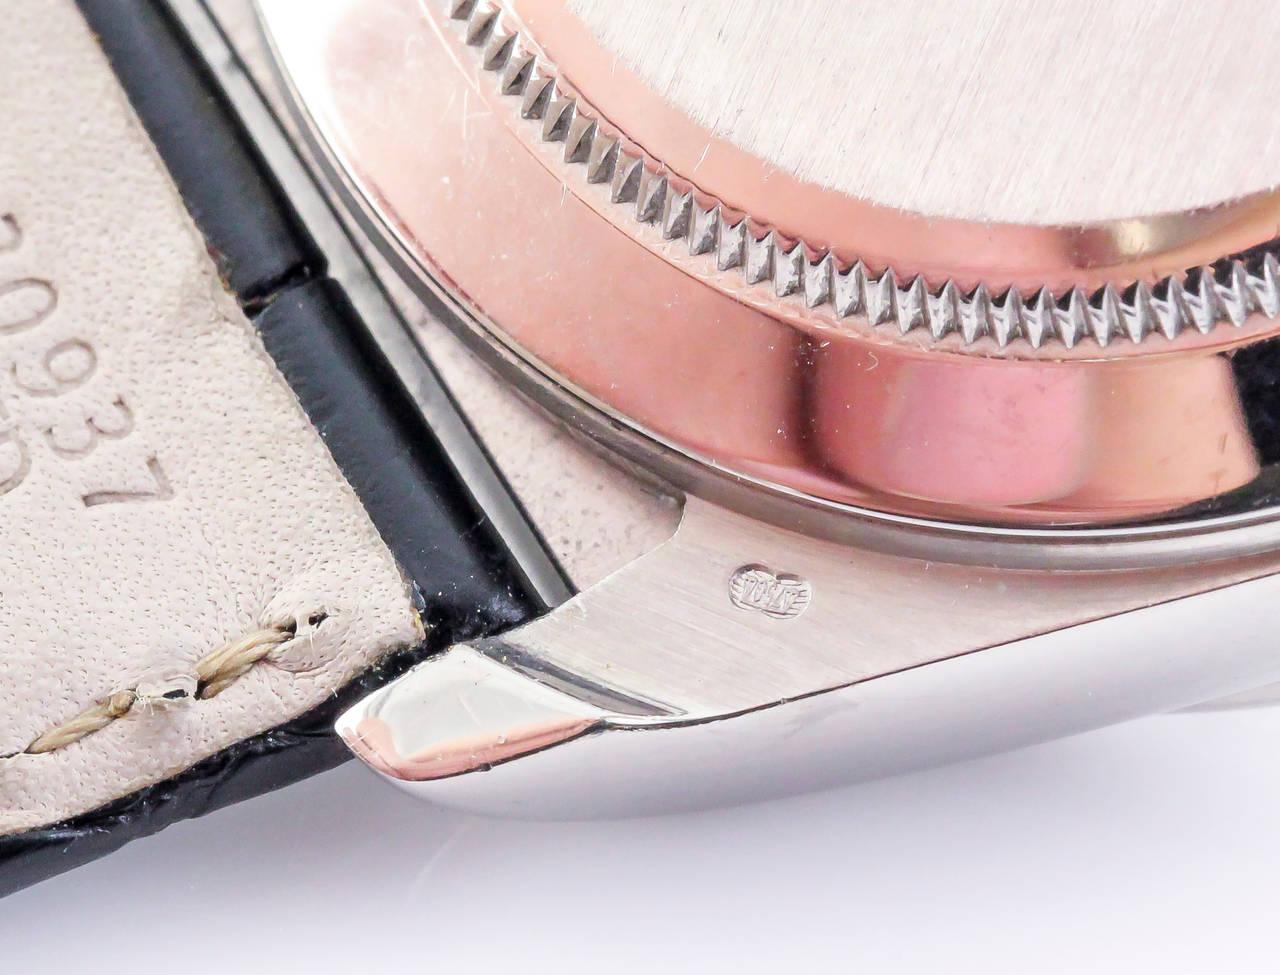 Rolex White Gold Daytona Chronograph Automatic Wristwatch 7